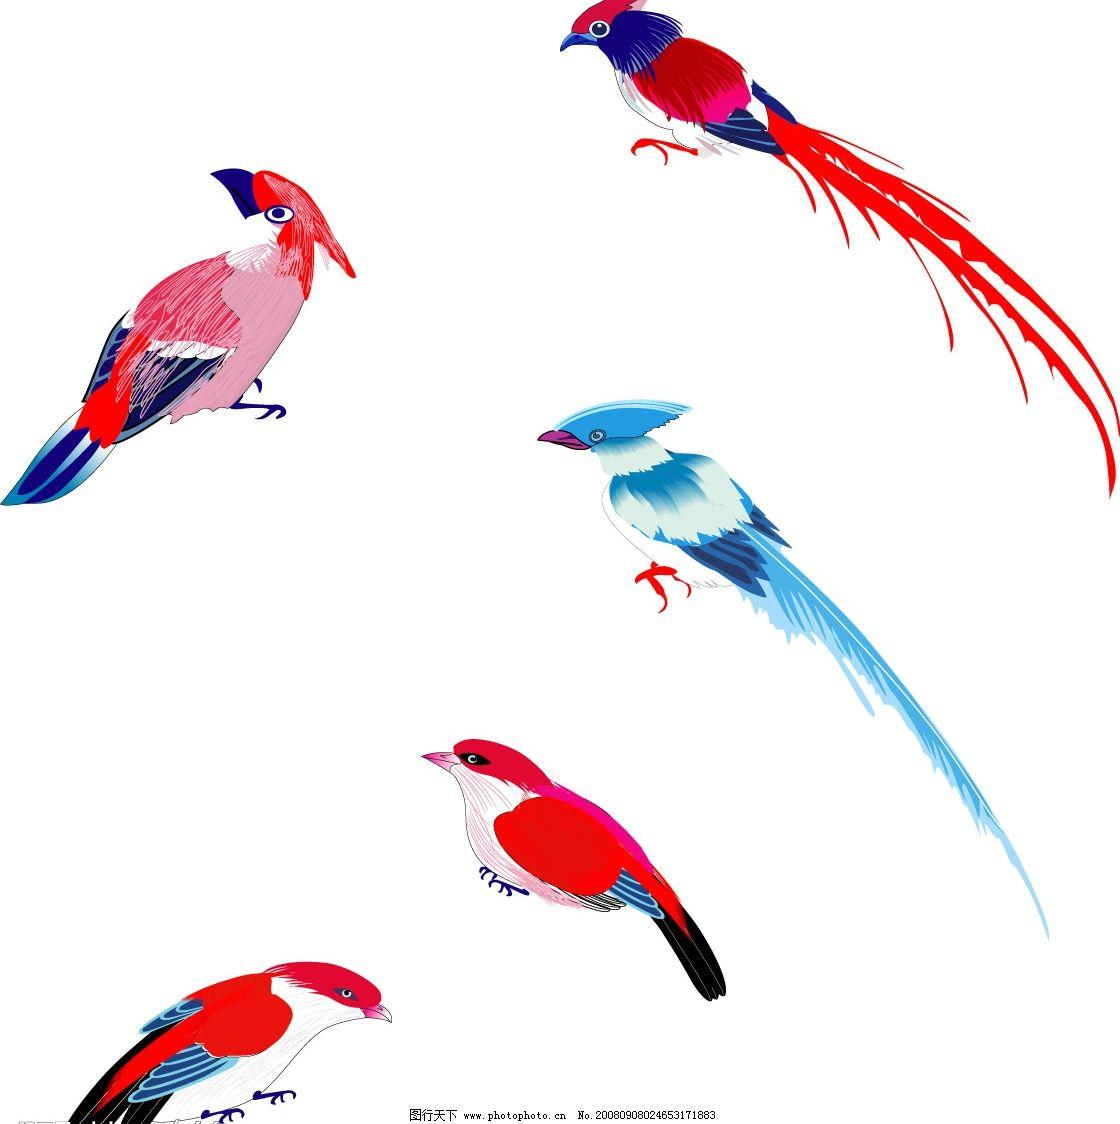 小鸟 生物世界 绘画 鸟类 矢量图库 cdr